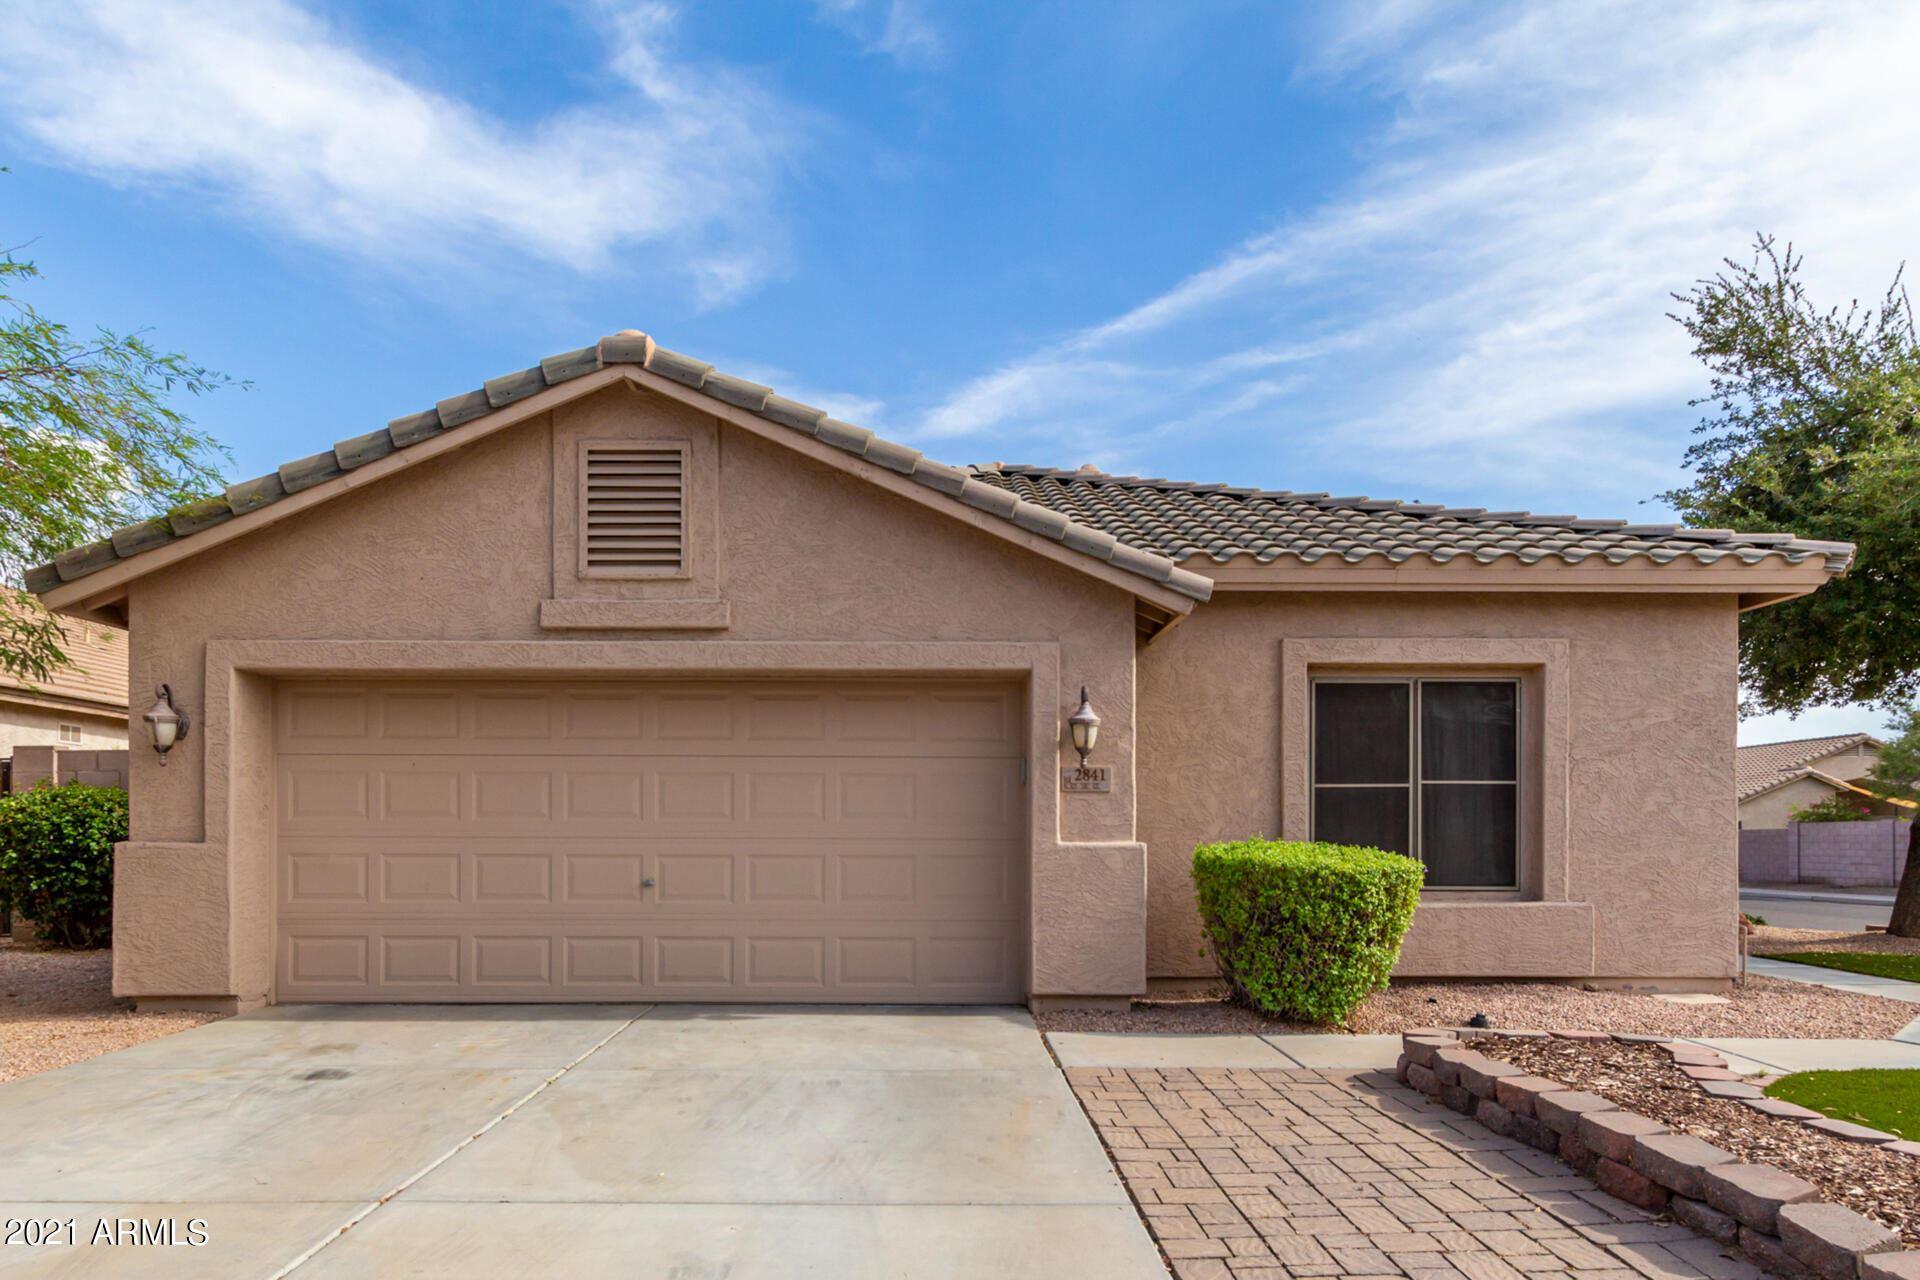 2841 E La Costa Drive, Chandler, AZ 85249 - MLS#: 6267244